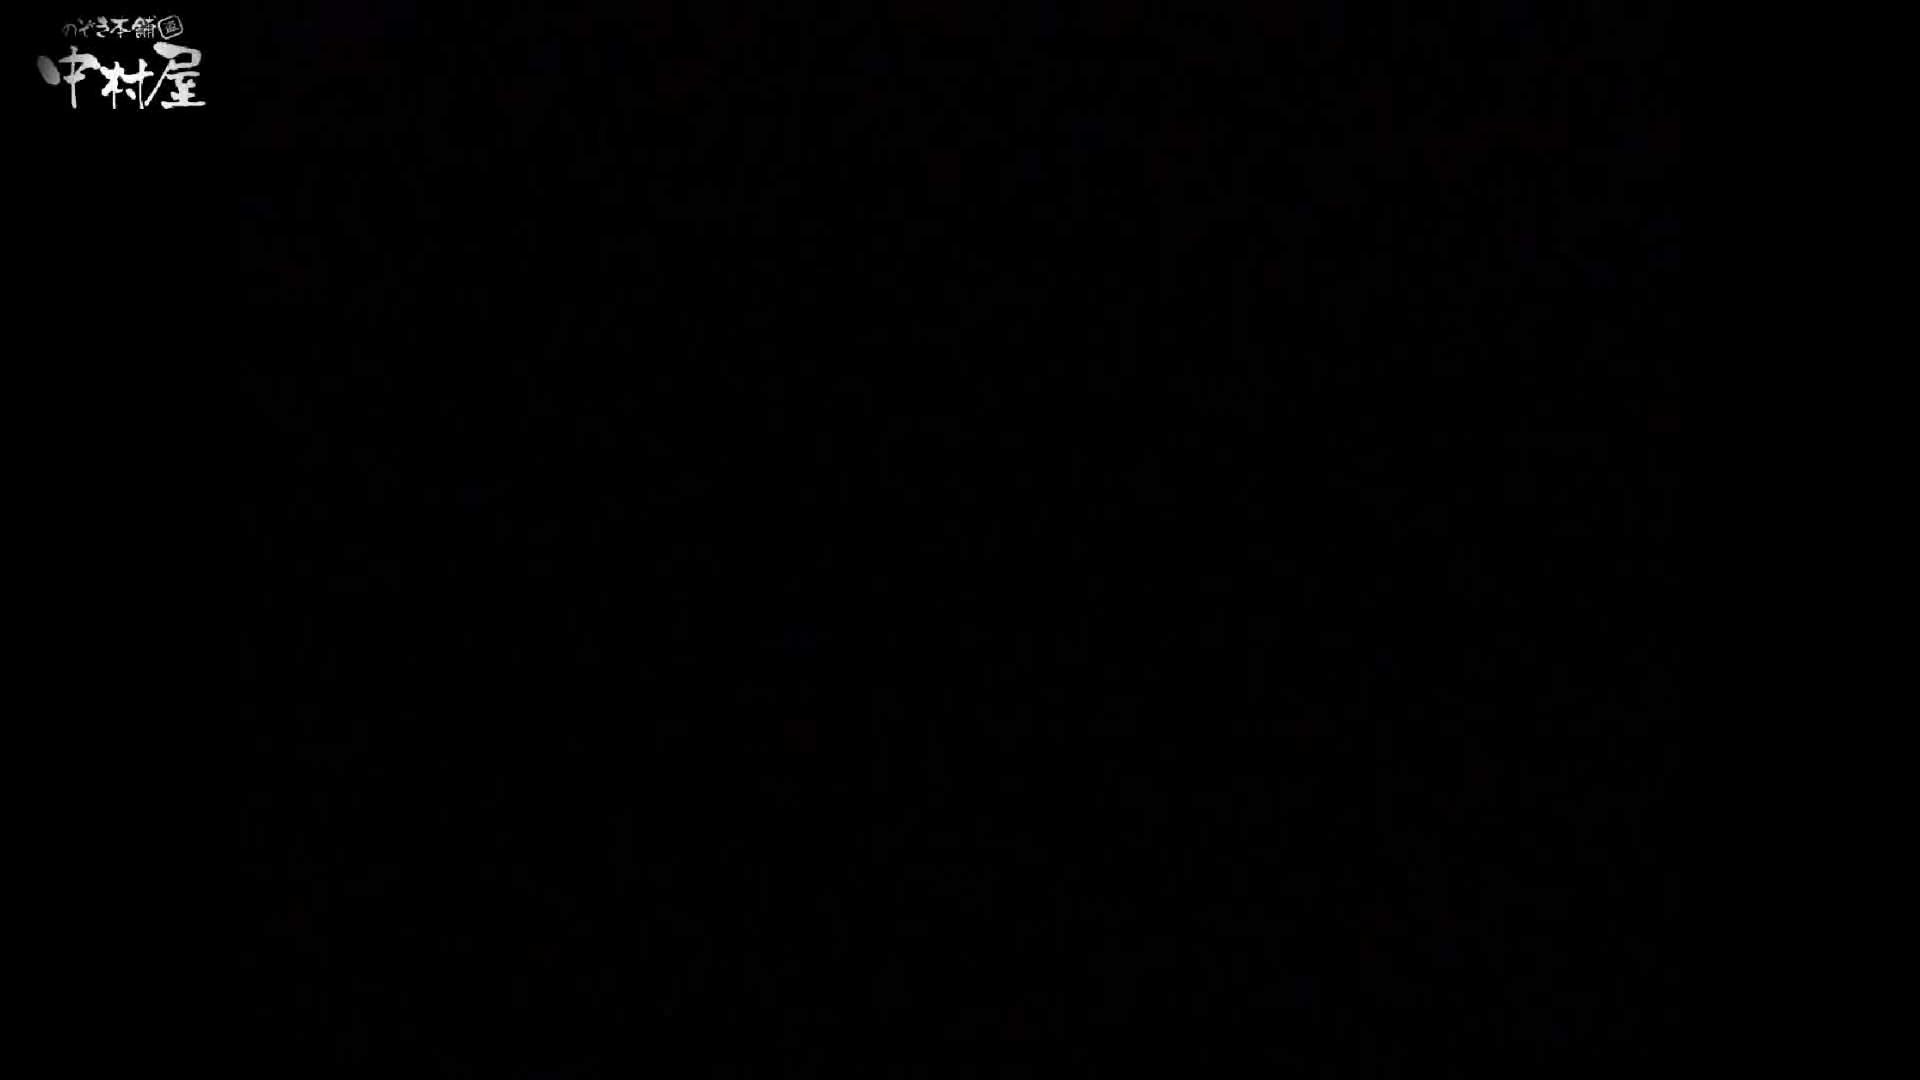 民家風呂専門盗撮師の超危険映像 vol.017 民家 盗撮動画紹介 93PICs 23